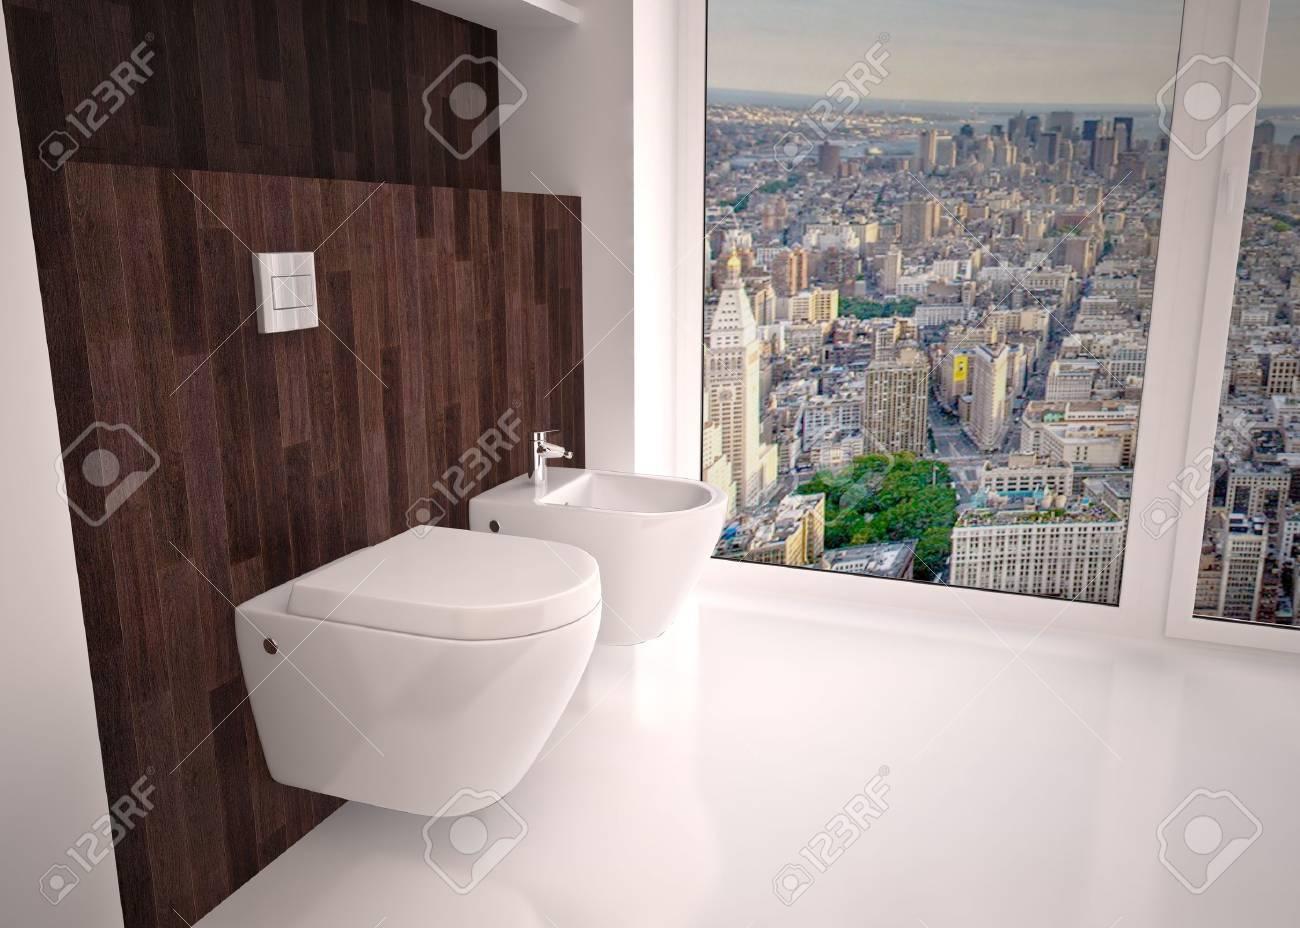 Modern inredning badrum i hus, lägenhet royalty fria stockfoton ...